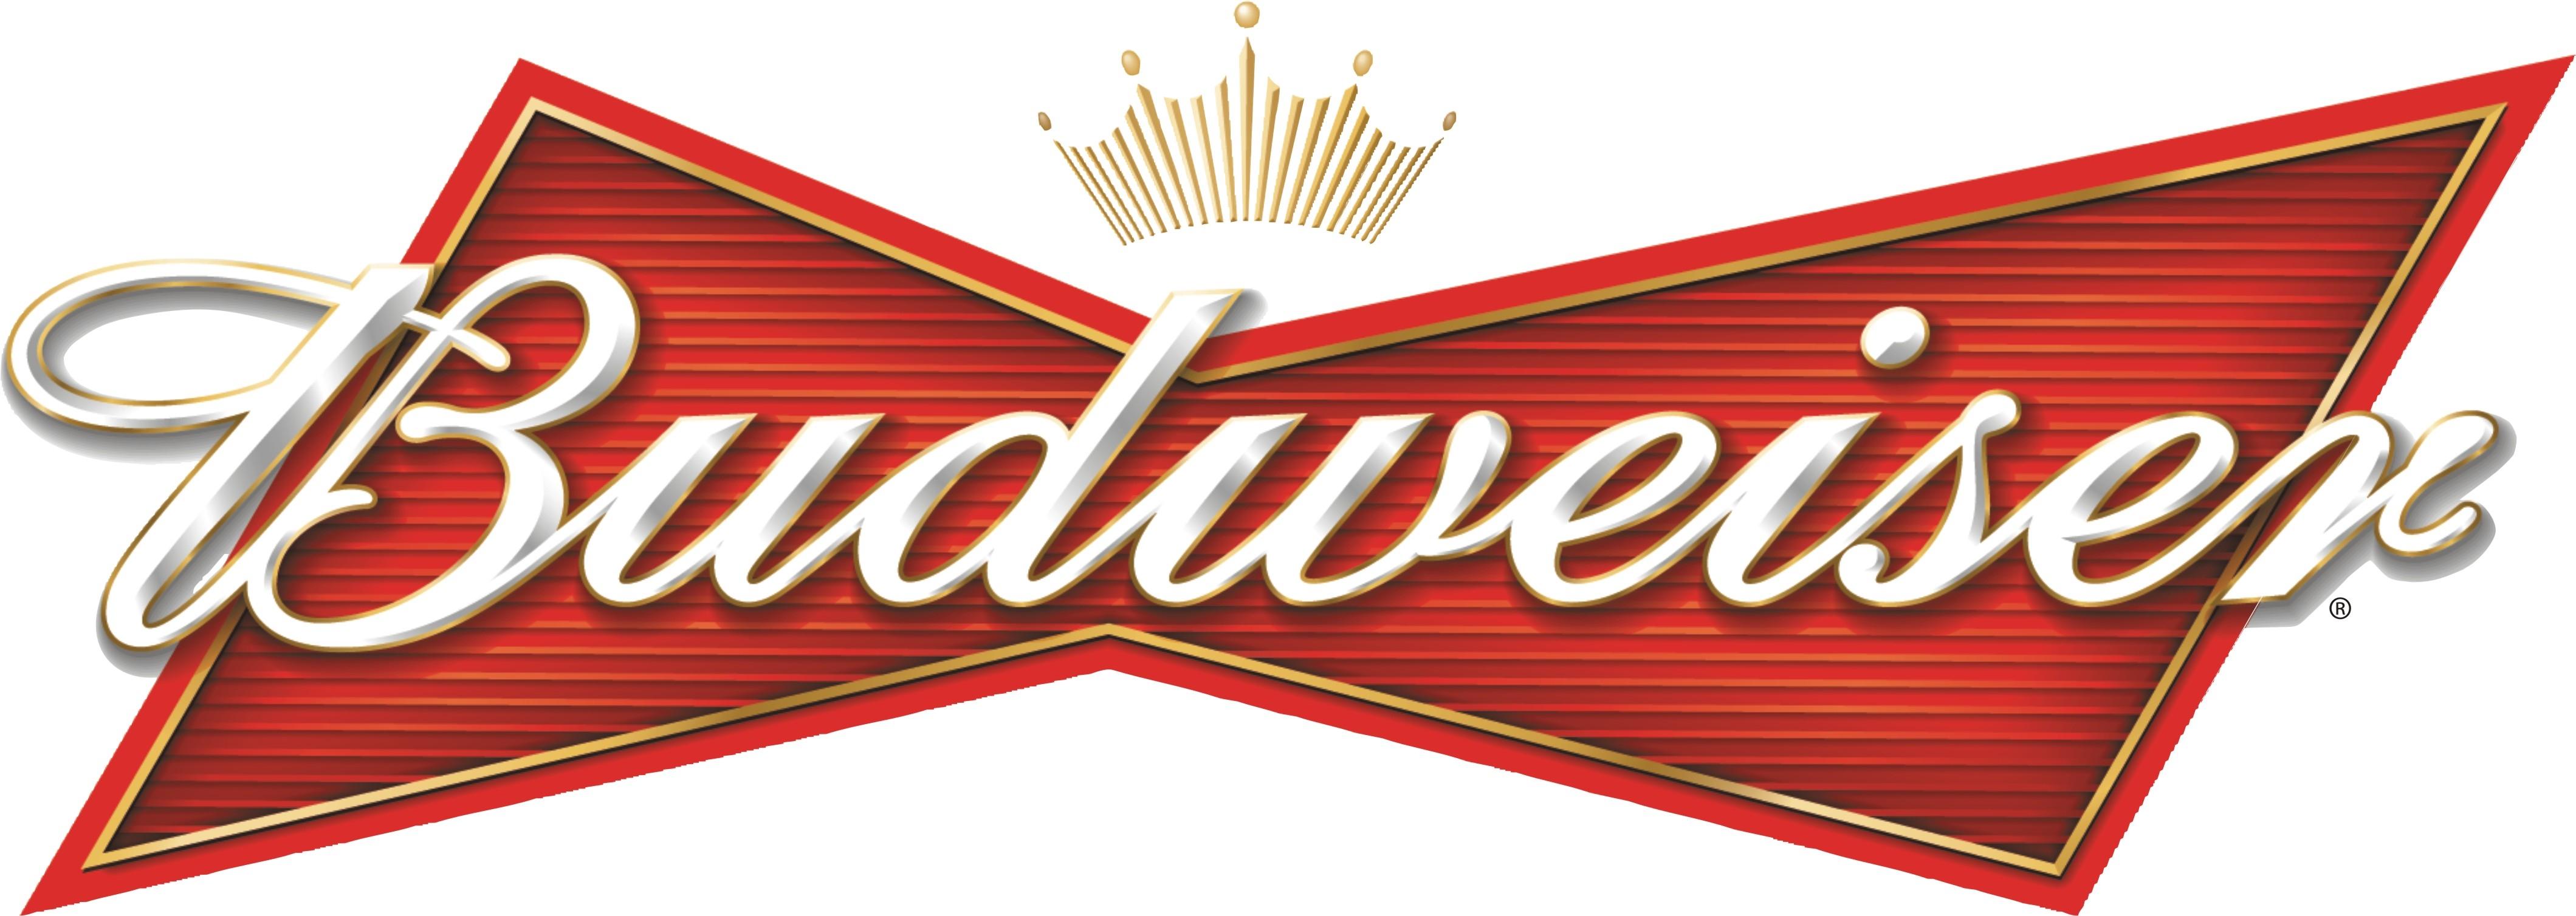 Budweiser Logo Wallpaper